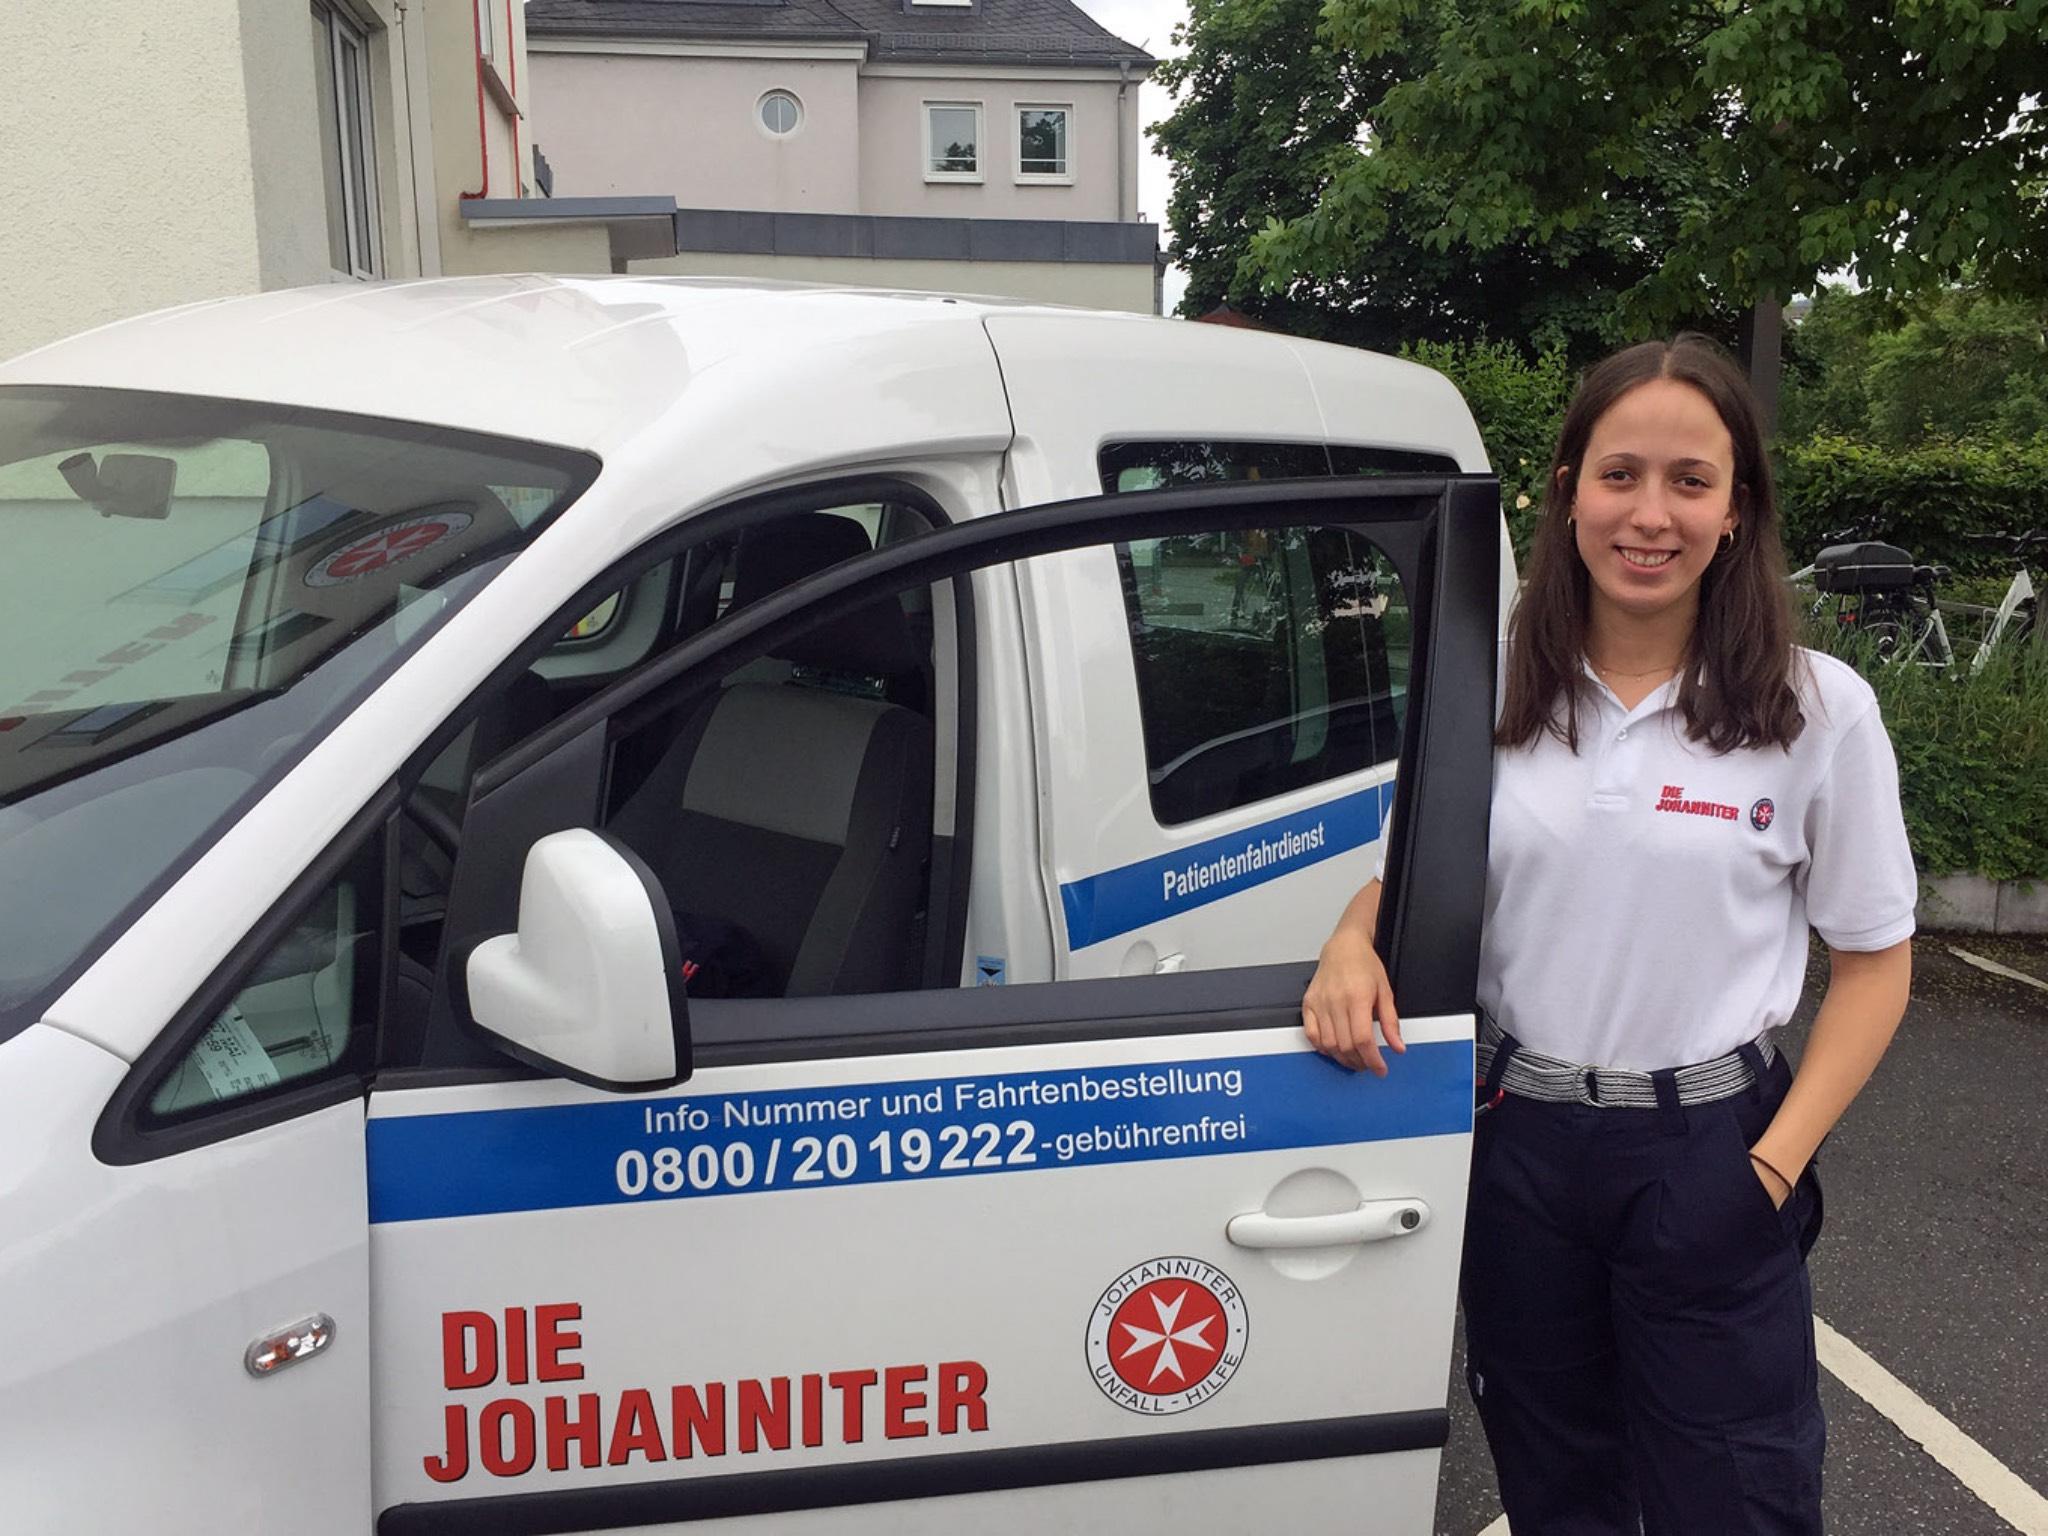 Rosa Maier absolviert momentan ein FSJ im Patientenfahrdienst der Johanniter. Foto: Johanniter